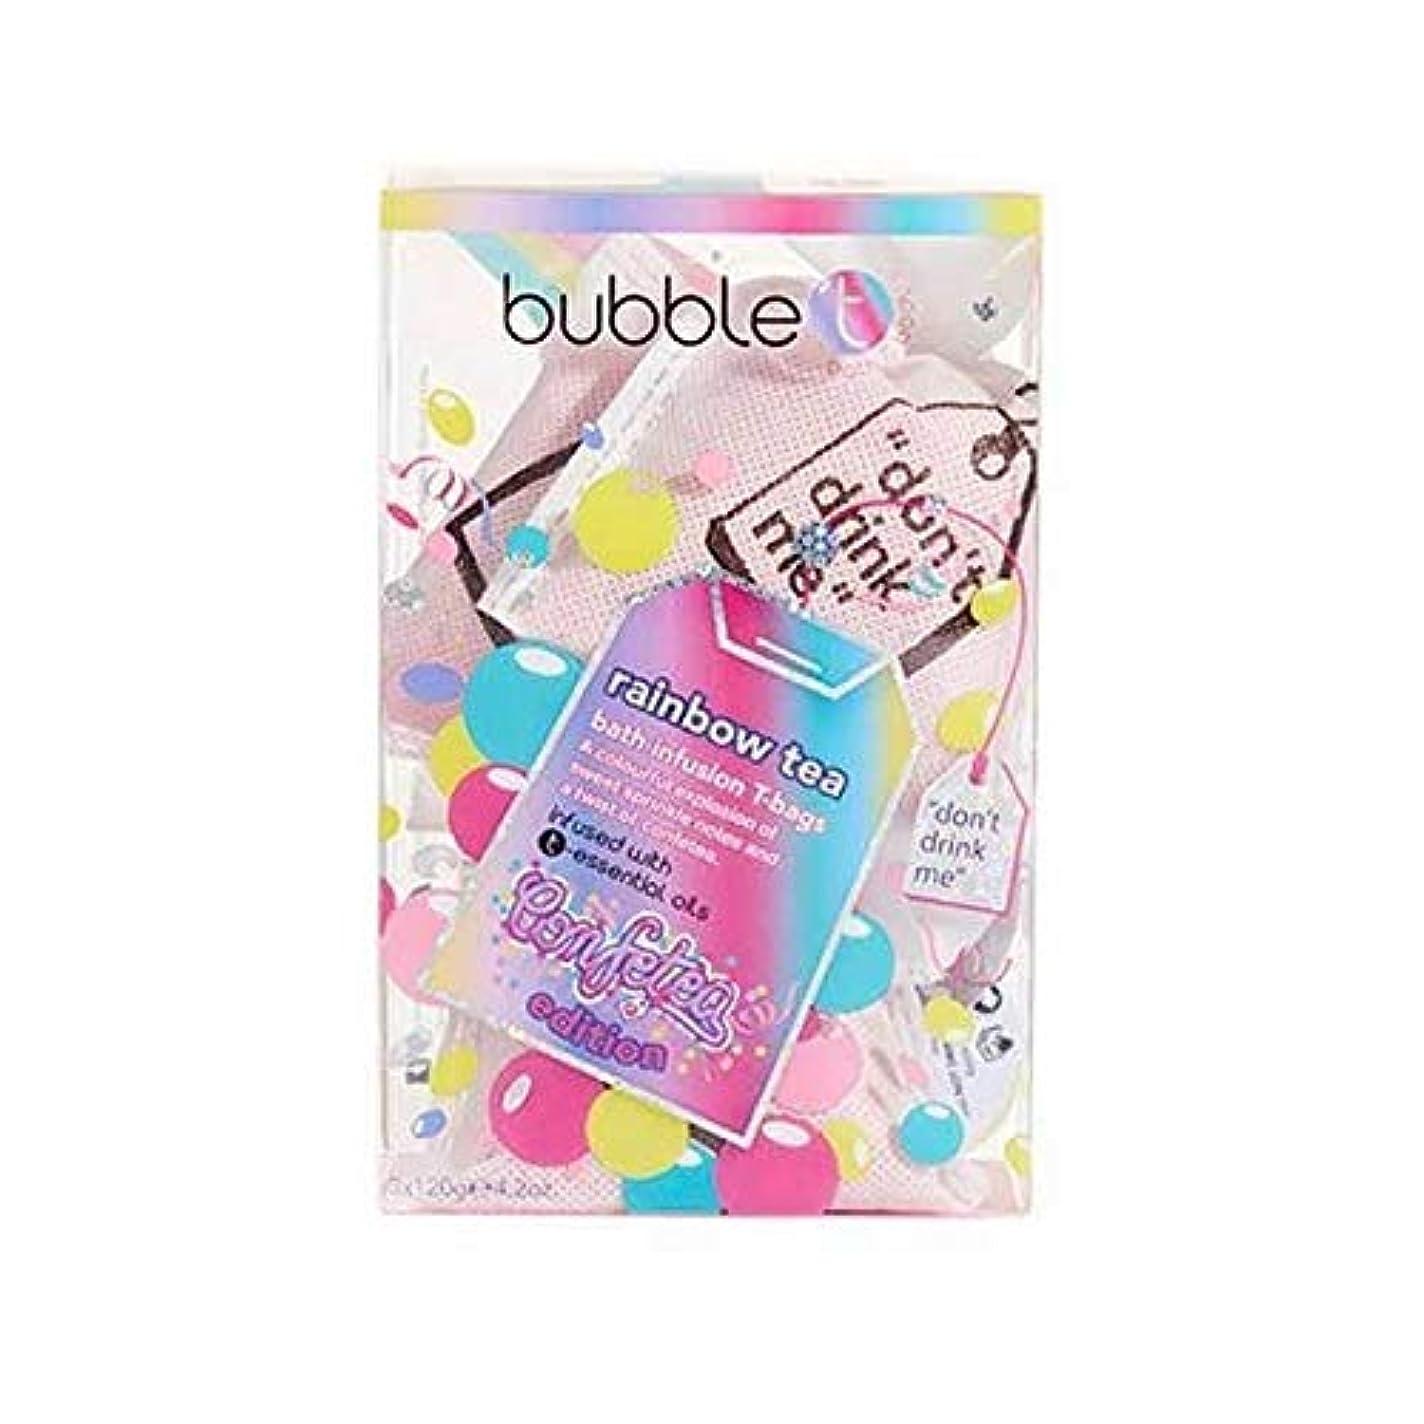 方法マークダウン逮捕[Bubble T ] バブルトンの化粧品 - 入浴輸液ティーバッグ虹のお茶 - Bubble T Cosmetics - Bath infusion tea bags Rainbow tea [並行輸入品]